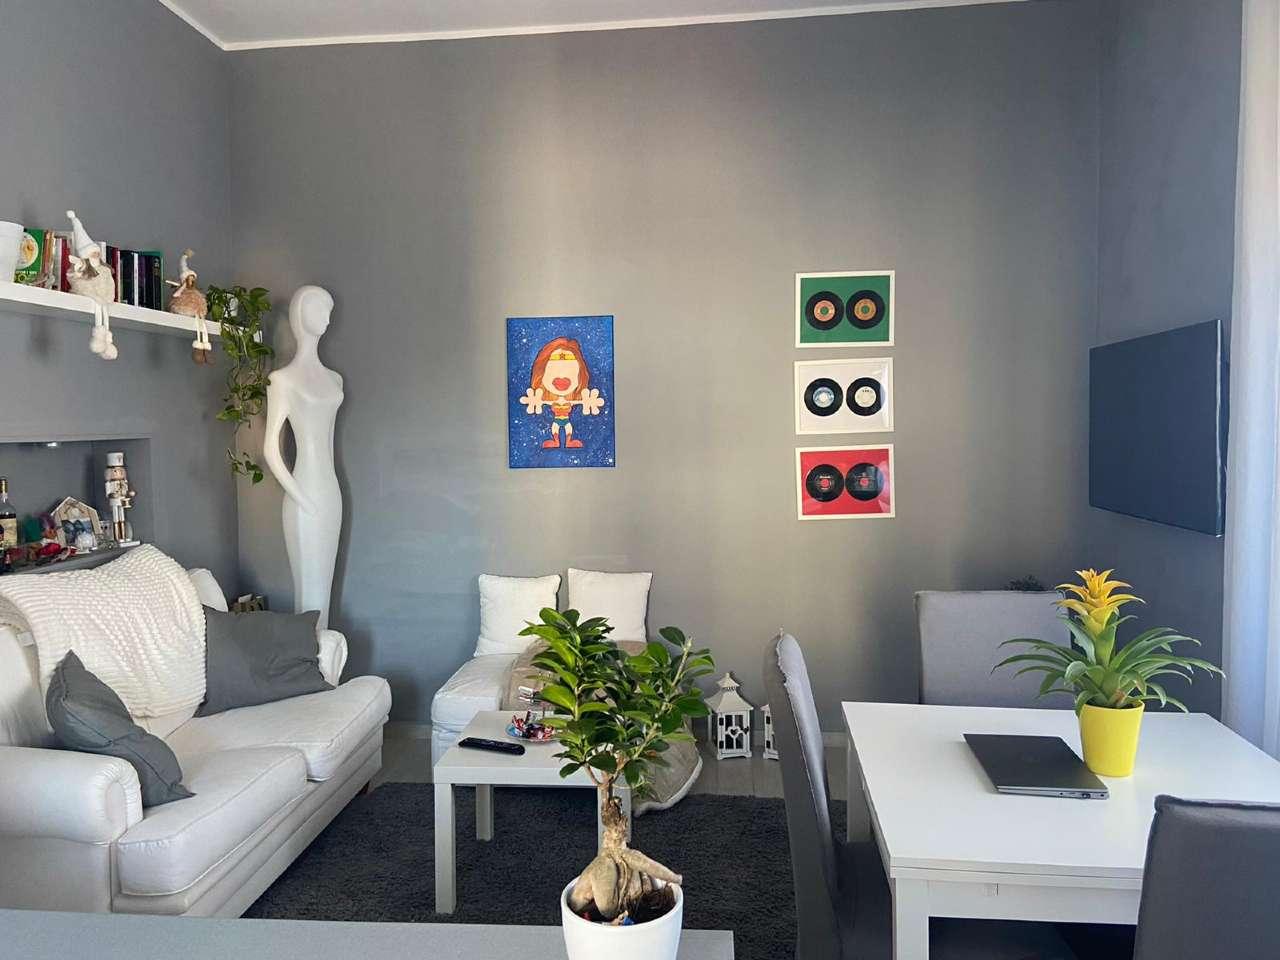 Appartamento, Viale degli Alimena, Centro, Cosenza, foto 3